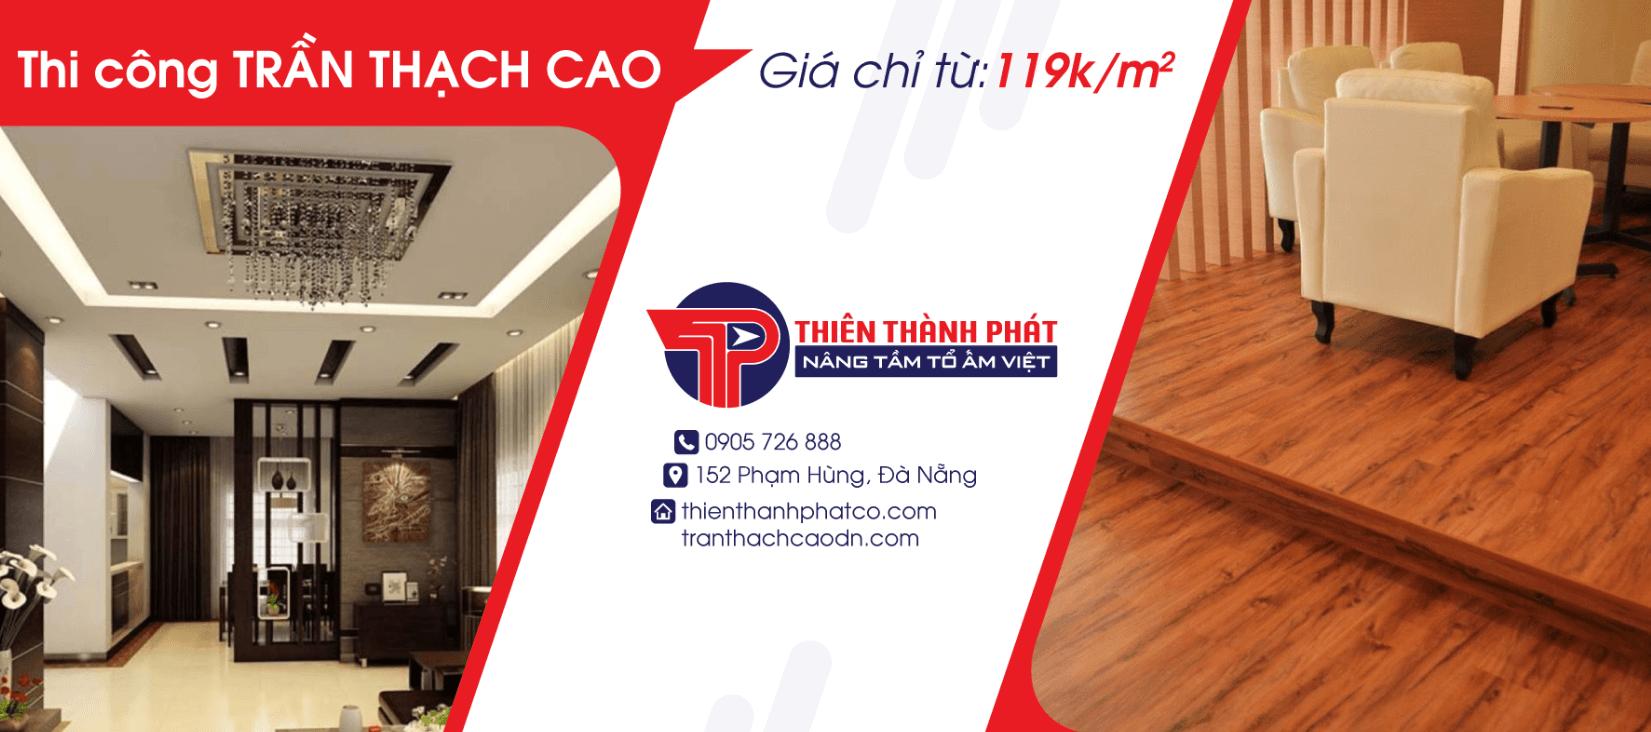 Dịch vụ thi công trần thạch cao Đà Nẵng Thiên Thành Phát